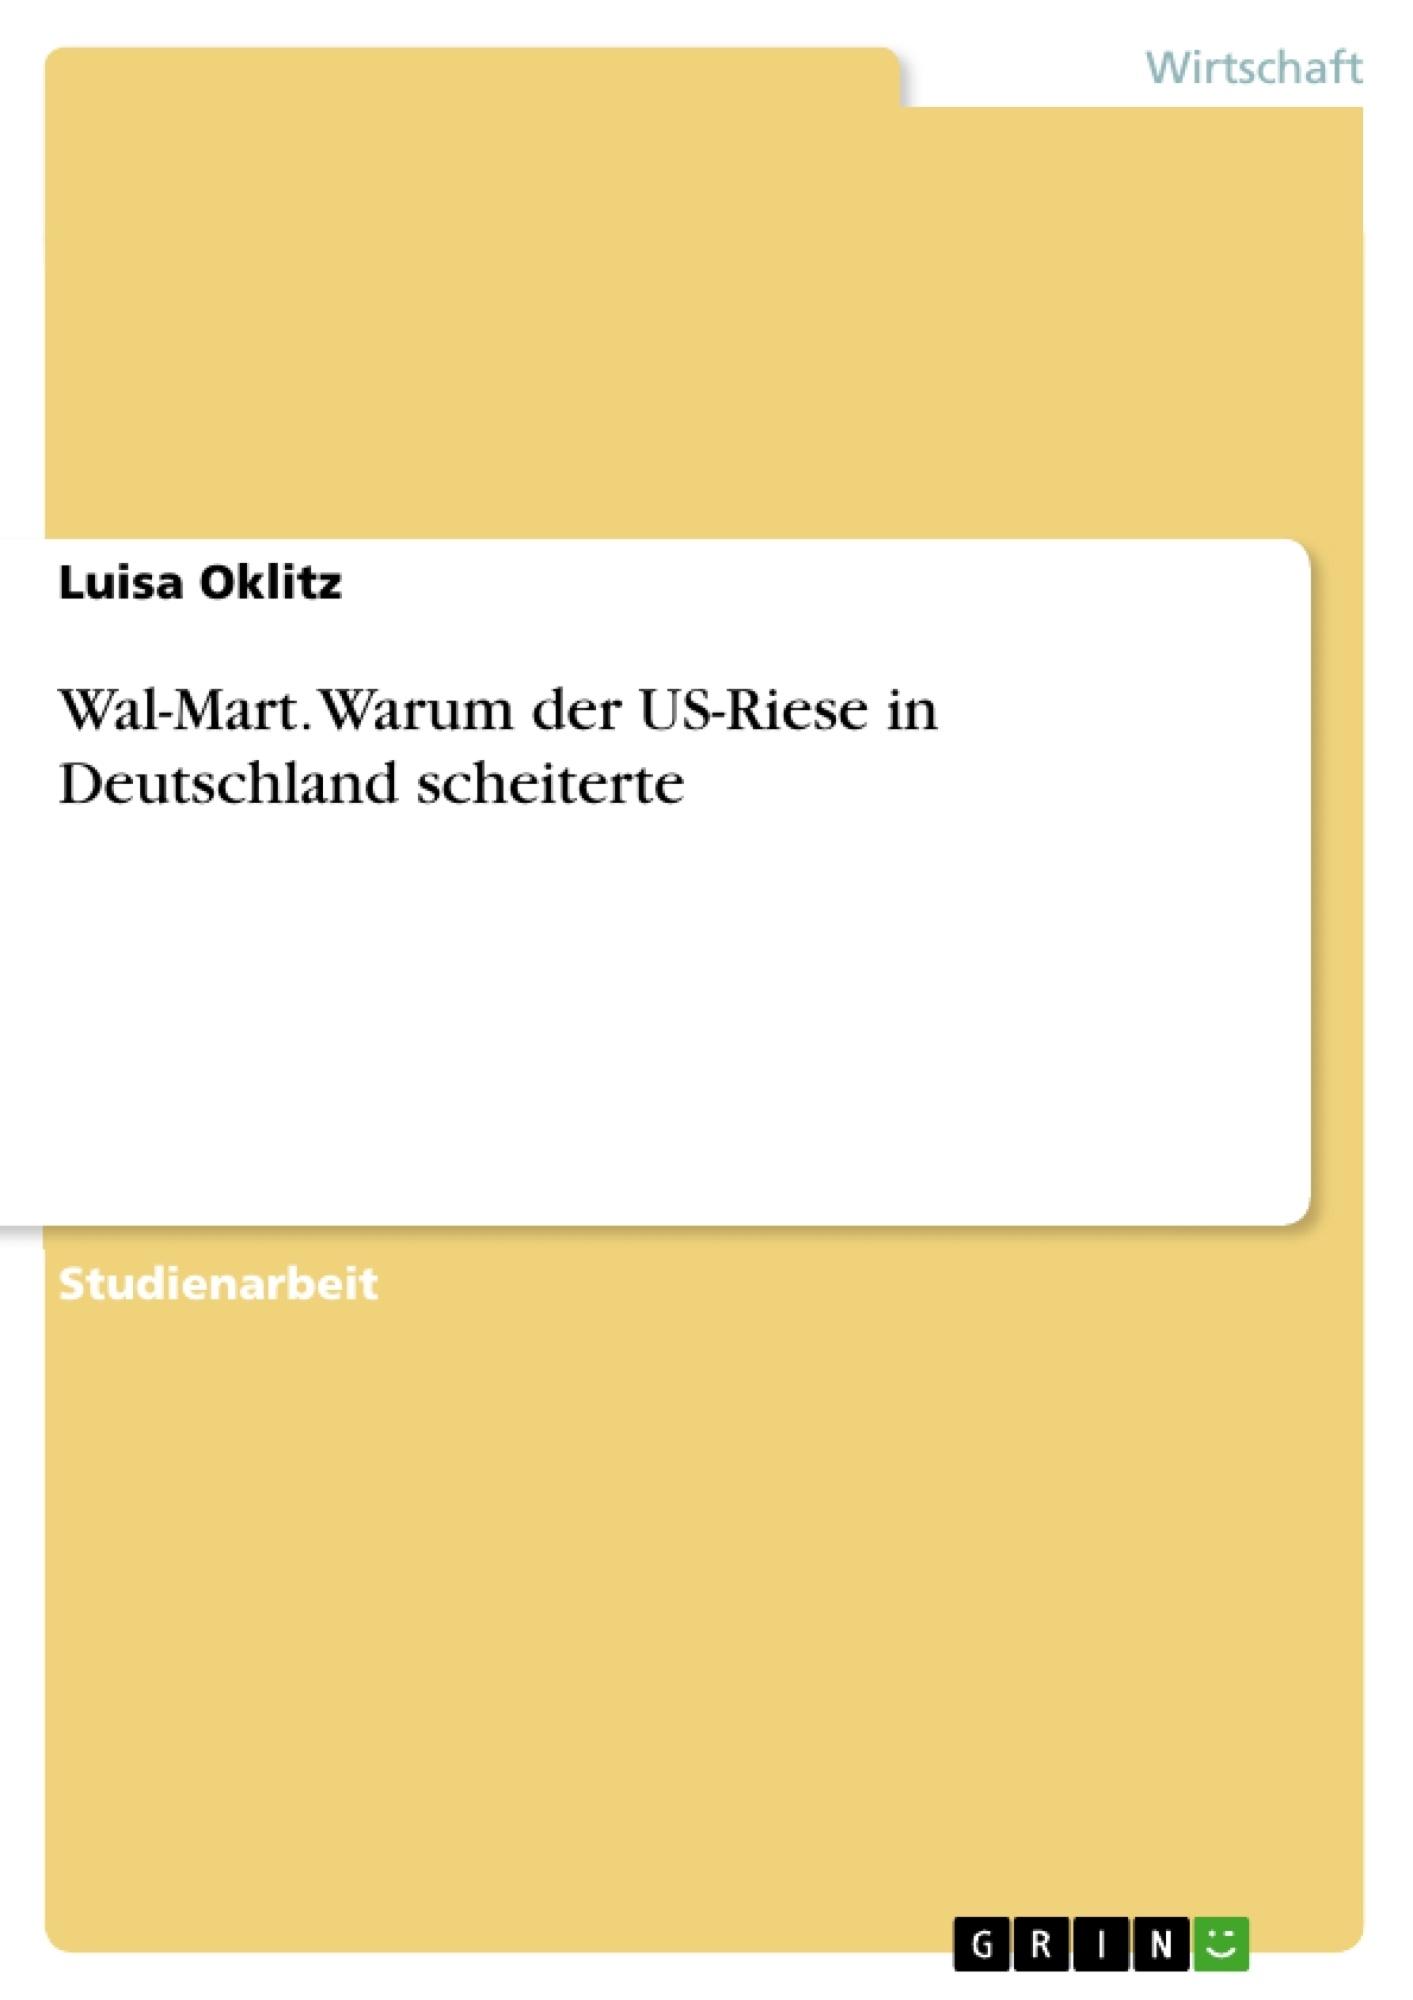 Titel: Wal-Mart. Warum der US-Riese in Deutschland scheiterte